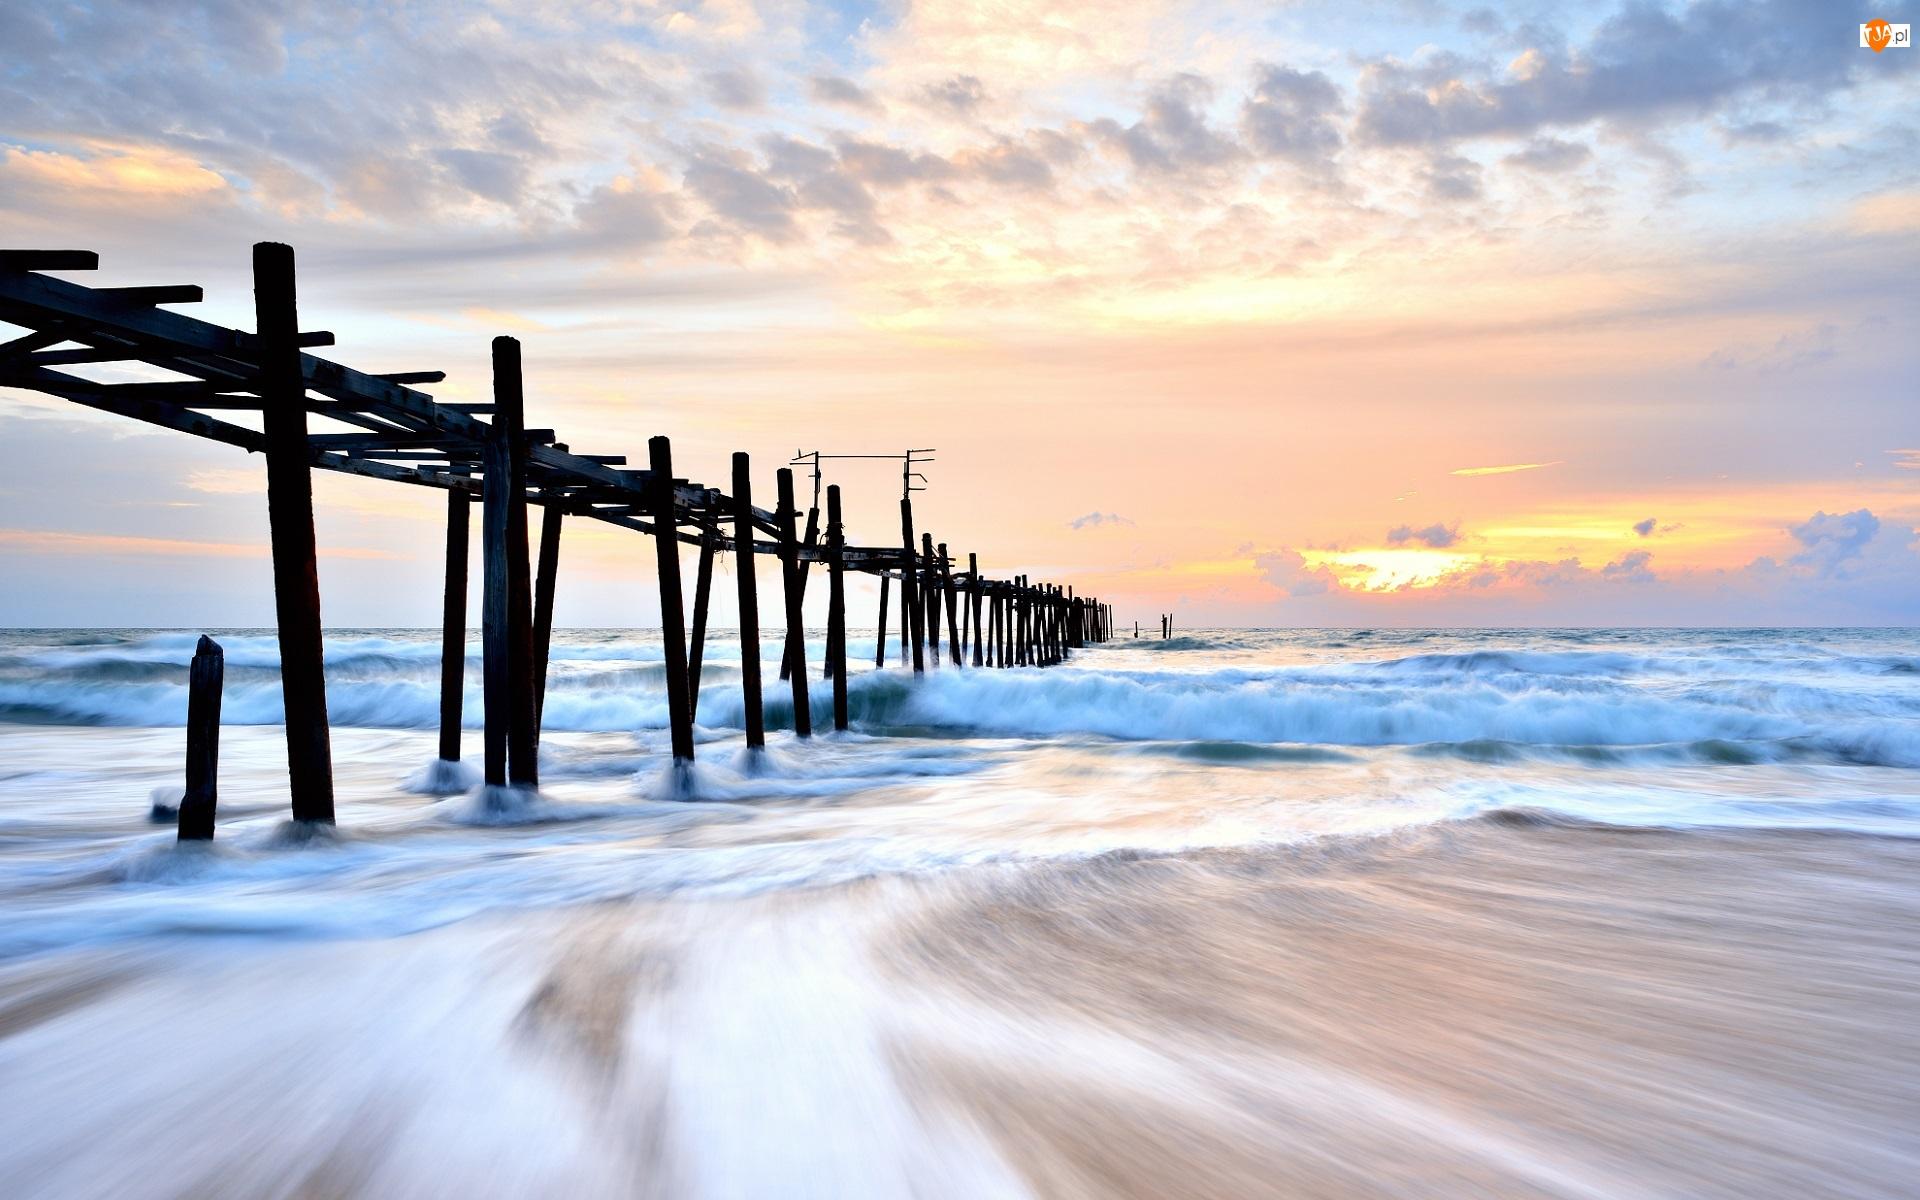 Molo, Wschód słońca, Morze, Zniszczone